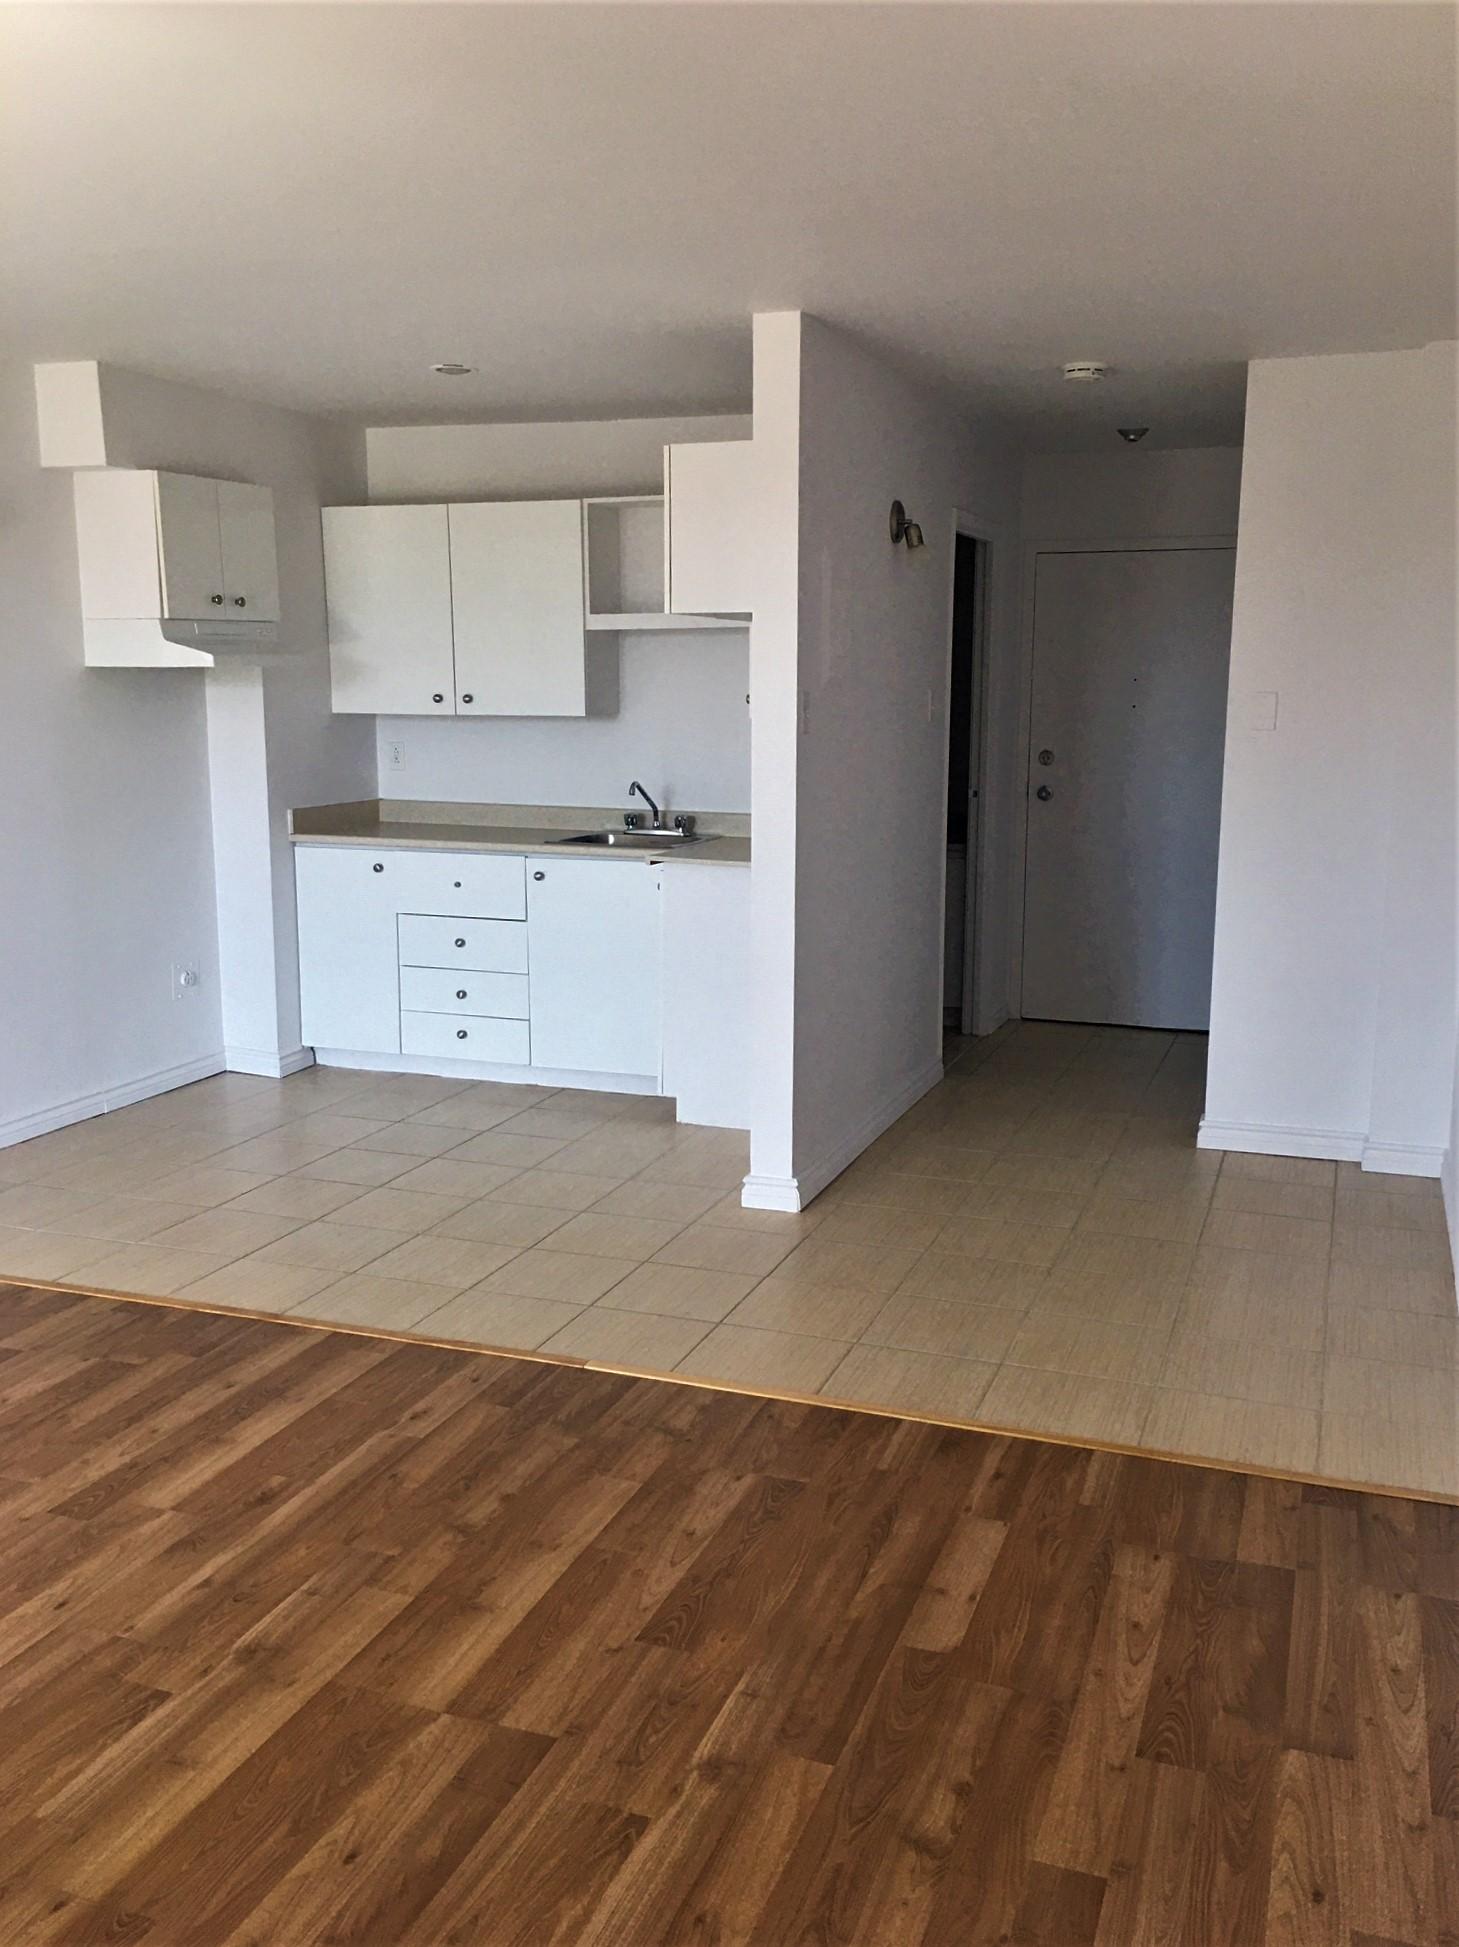 Appartement Studio / Bachelor a louer à Pointe-aux-Trembles a Habitations de la Rousseliere - Photo 03 - PagesDesLocataires – L1920